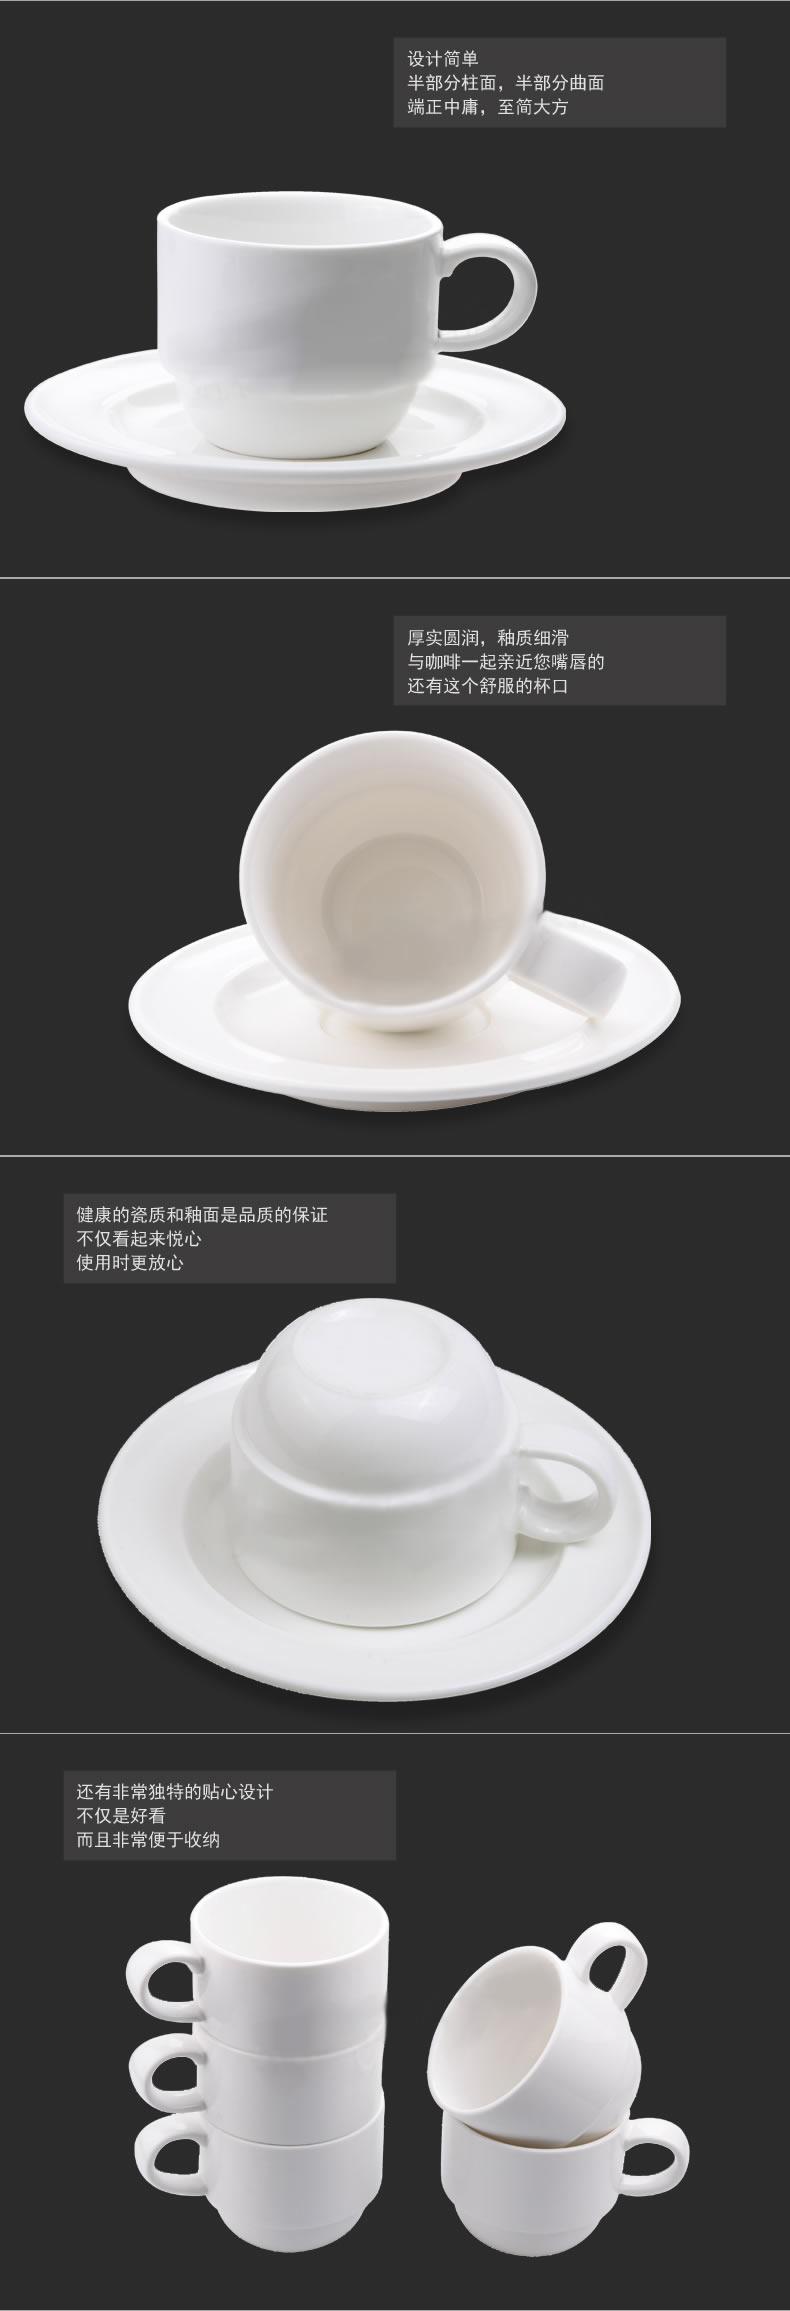 欧式陶瓷咖啡杯碟套装详情图